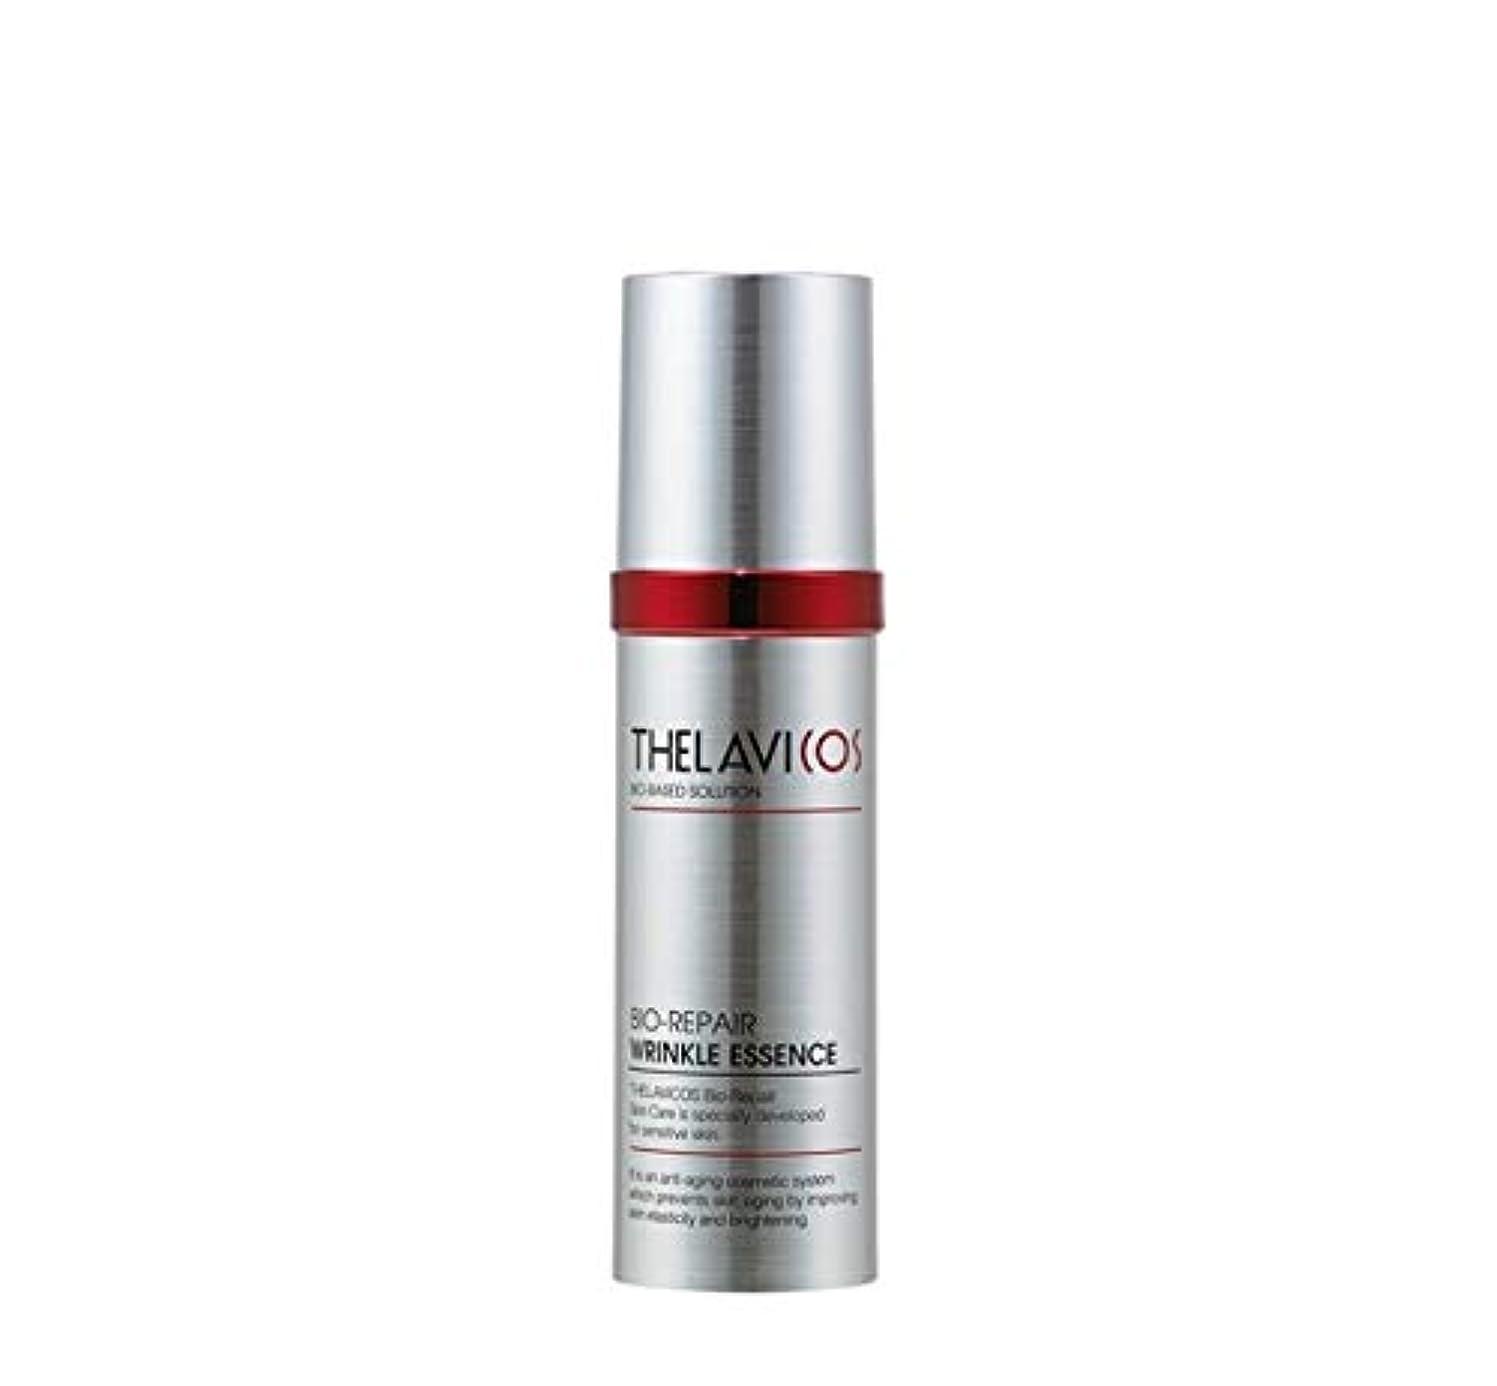 現実にはによると励起セラビコス THELAVICOS バイオリペア リンクル エッセンス 美容液